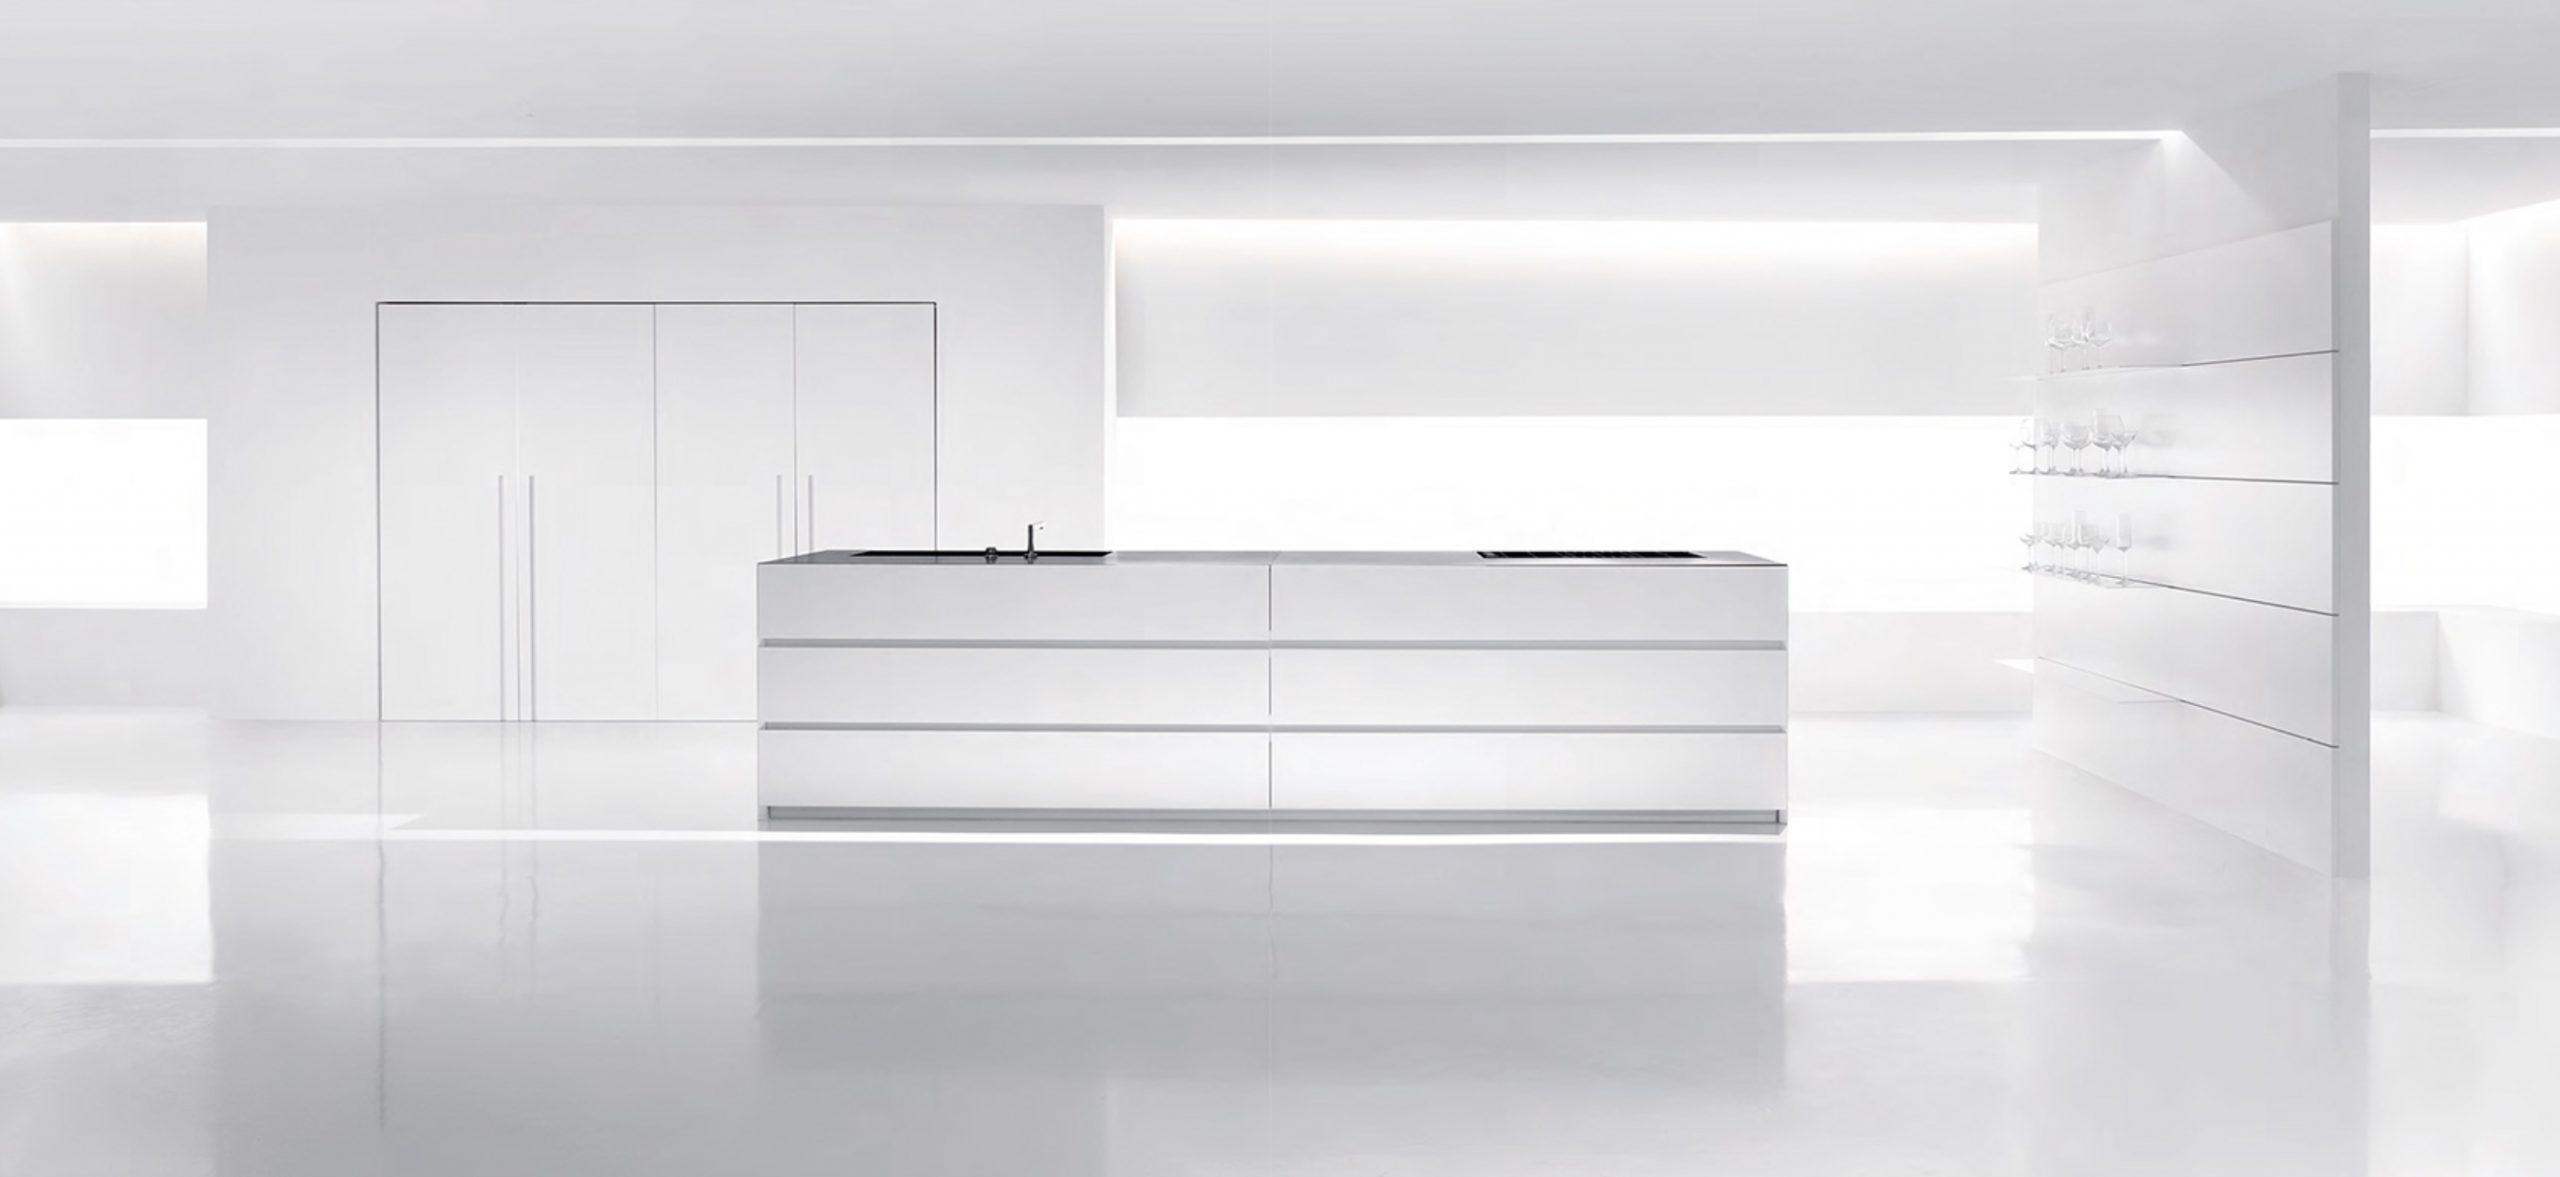 Răcirea globală. Cum putem regăsi căldura din culori în design-ul de mobilier de bucătărie?